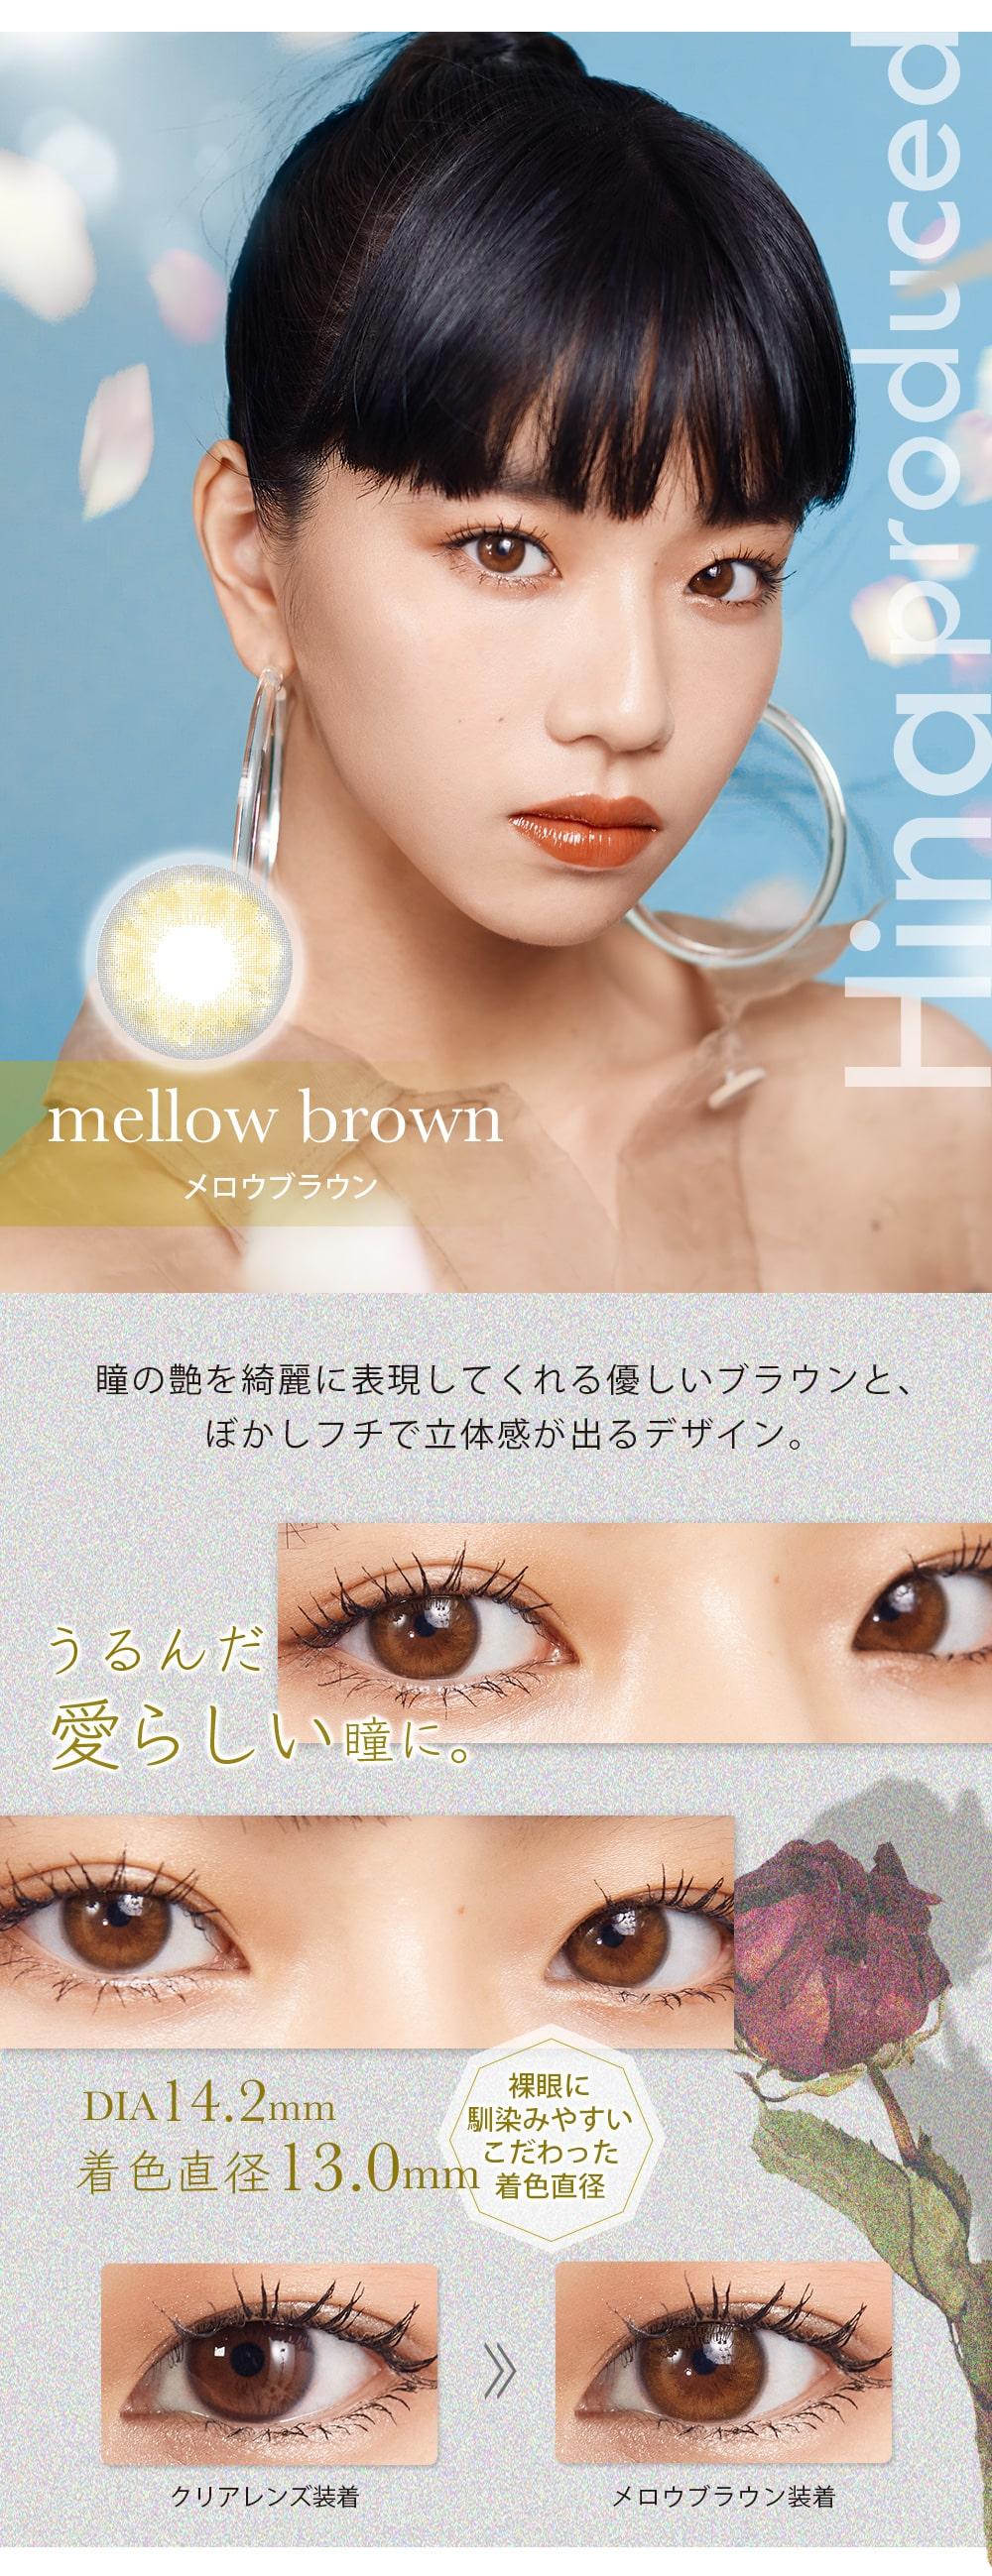 瞳の艶を綺麗に表現してくれるヘーゼルブラウンと、ぼかしフチのブラウンで立体感が出るデザイン。うるんだ愛らしい瞳に。メロウブラウン